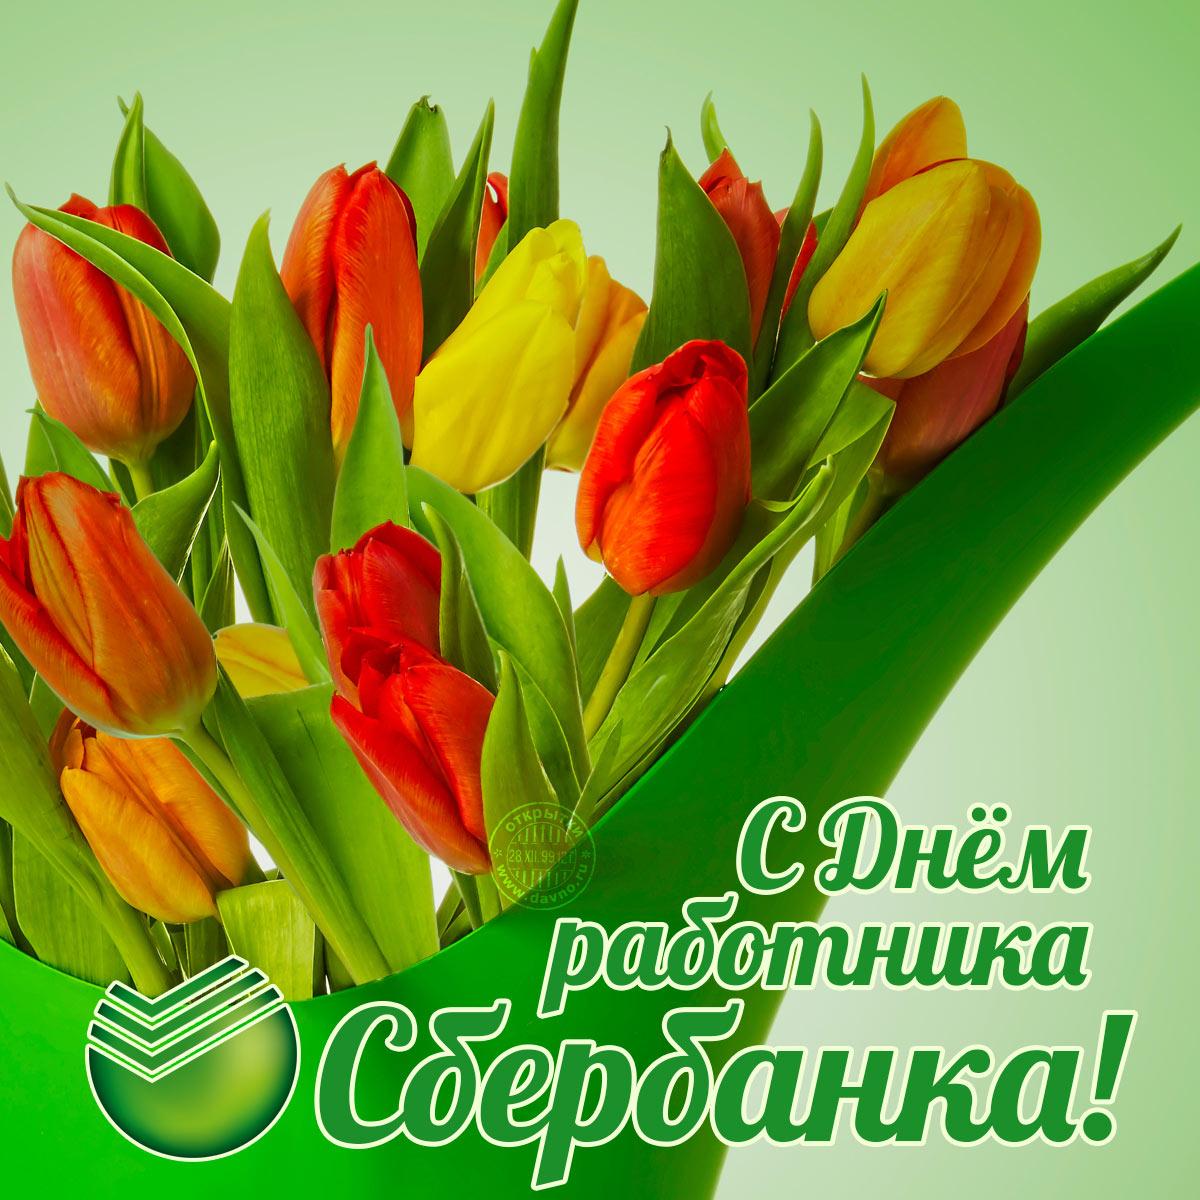 Открытки на день работников Сбербанка России (3)